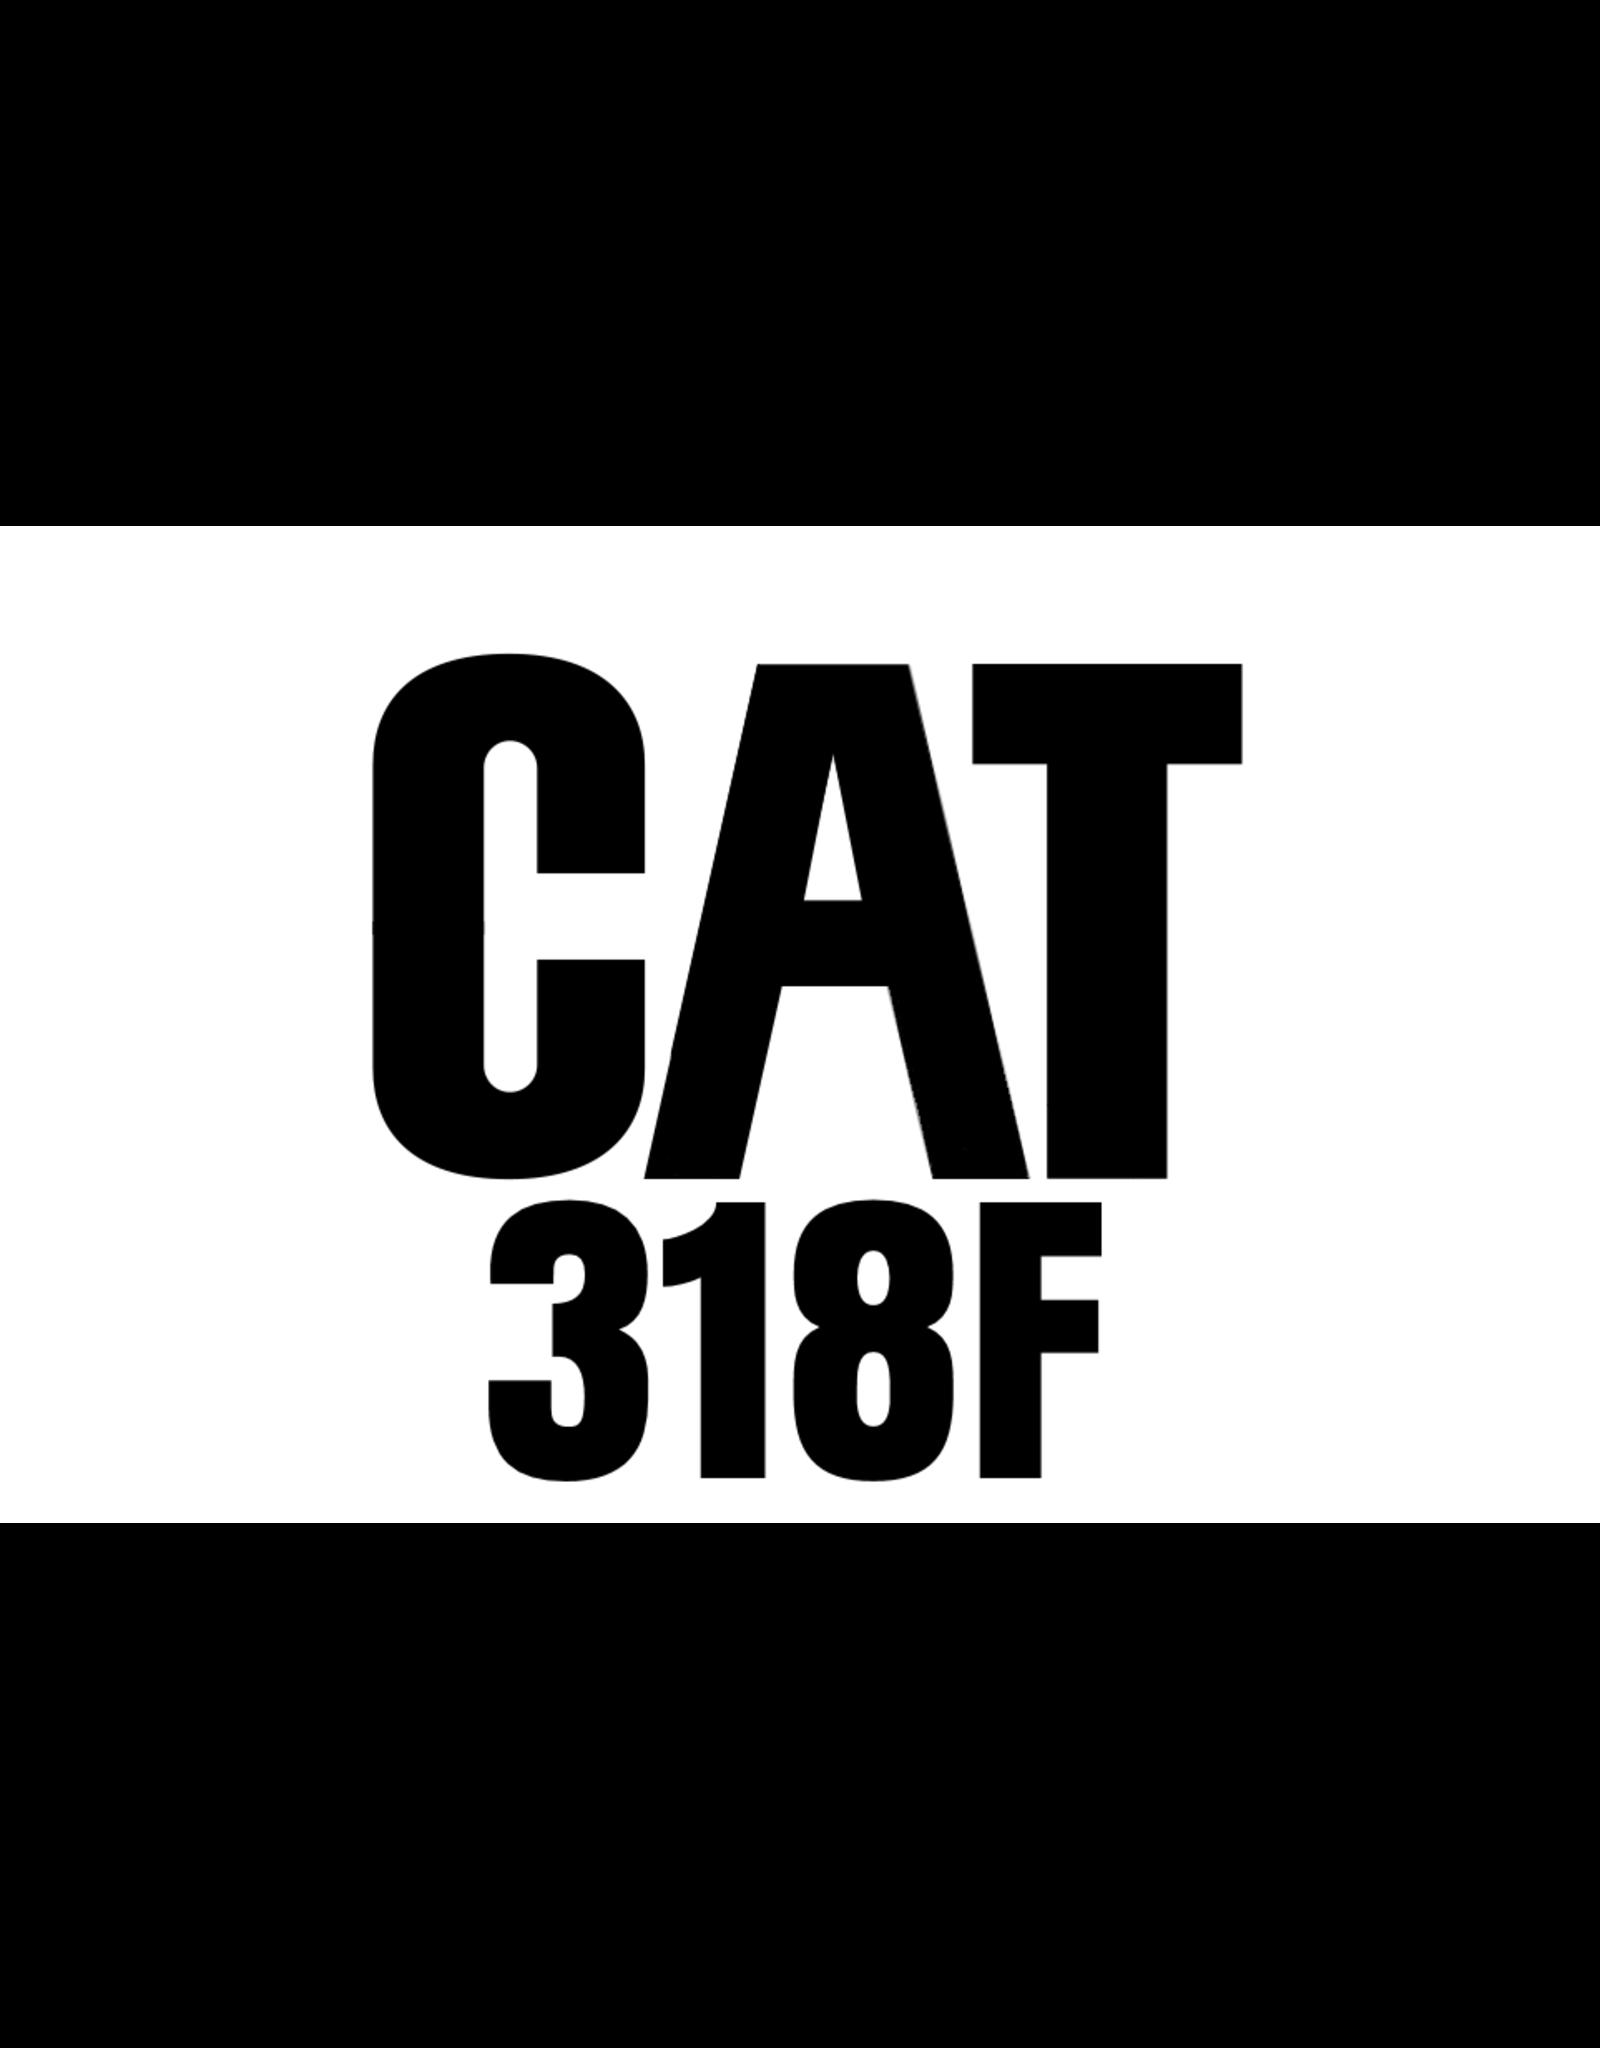 Echle Hartstahl GmbH FOPS für CAT 318F